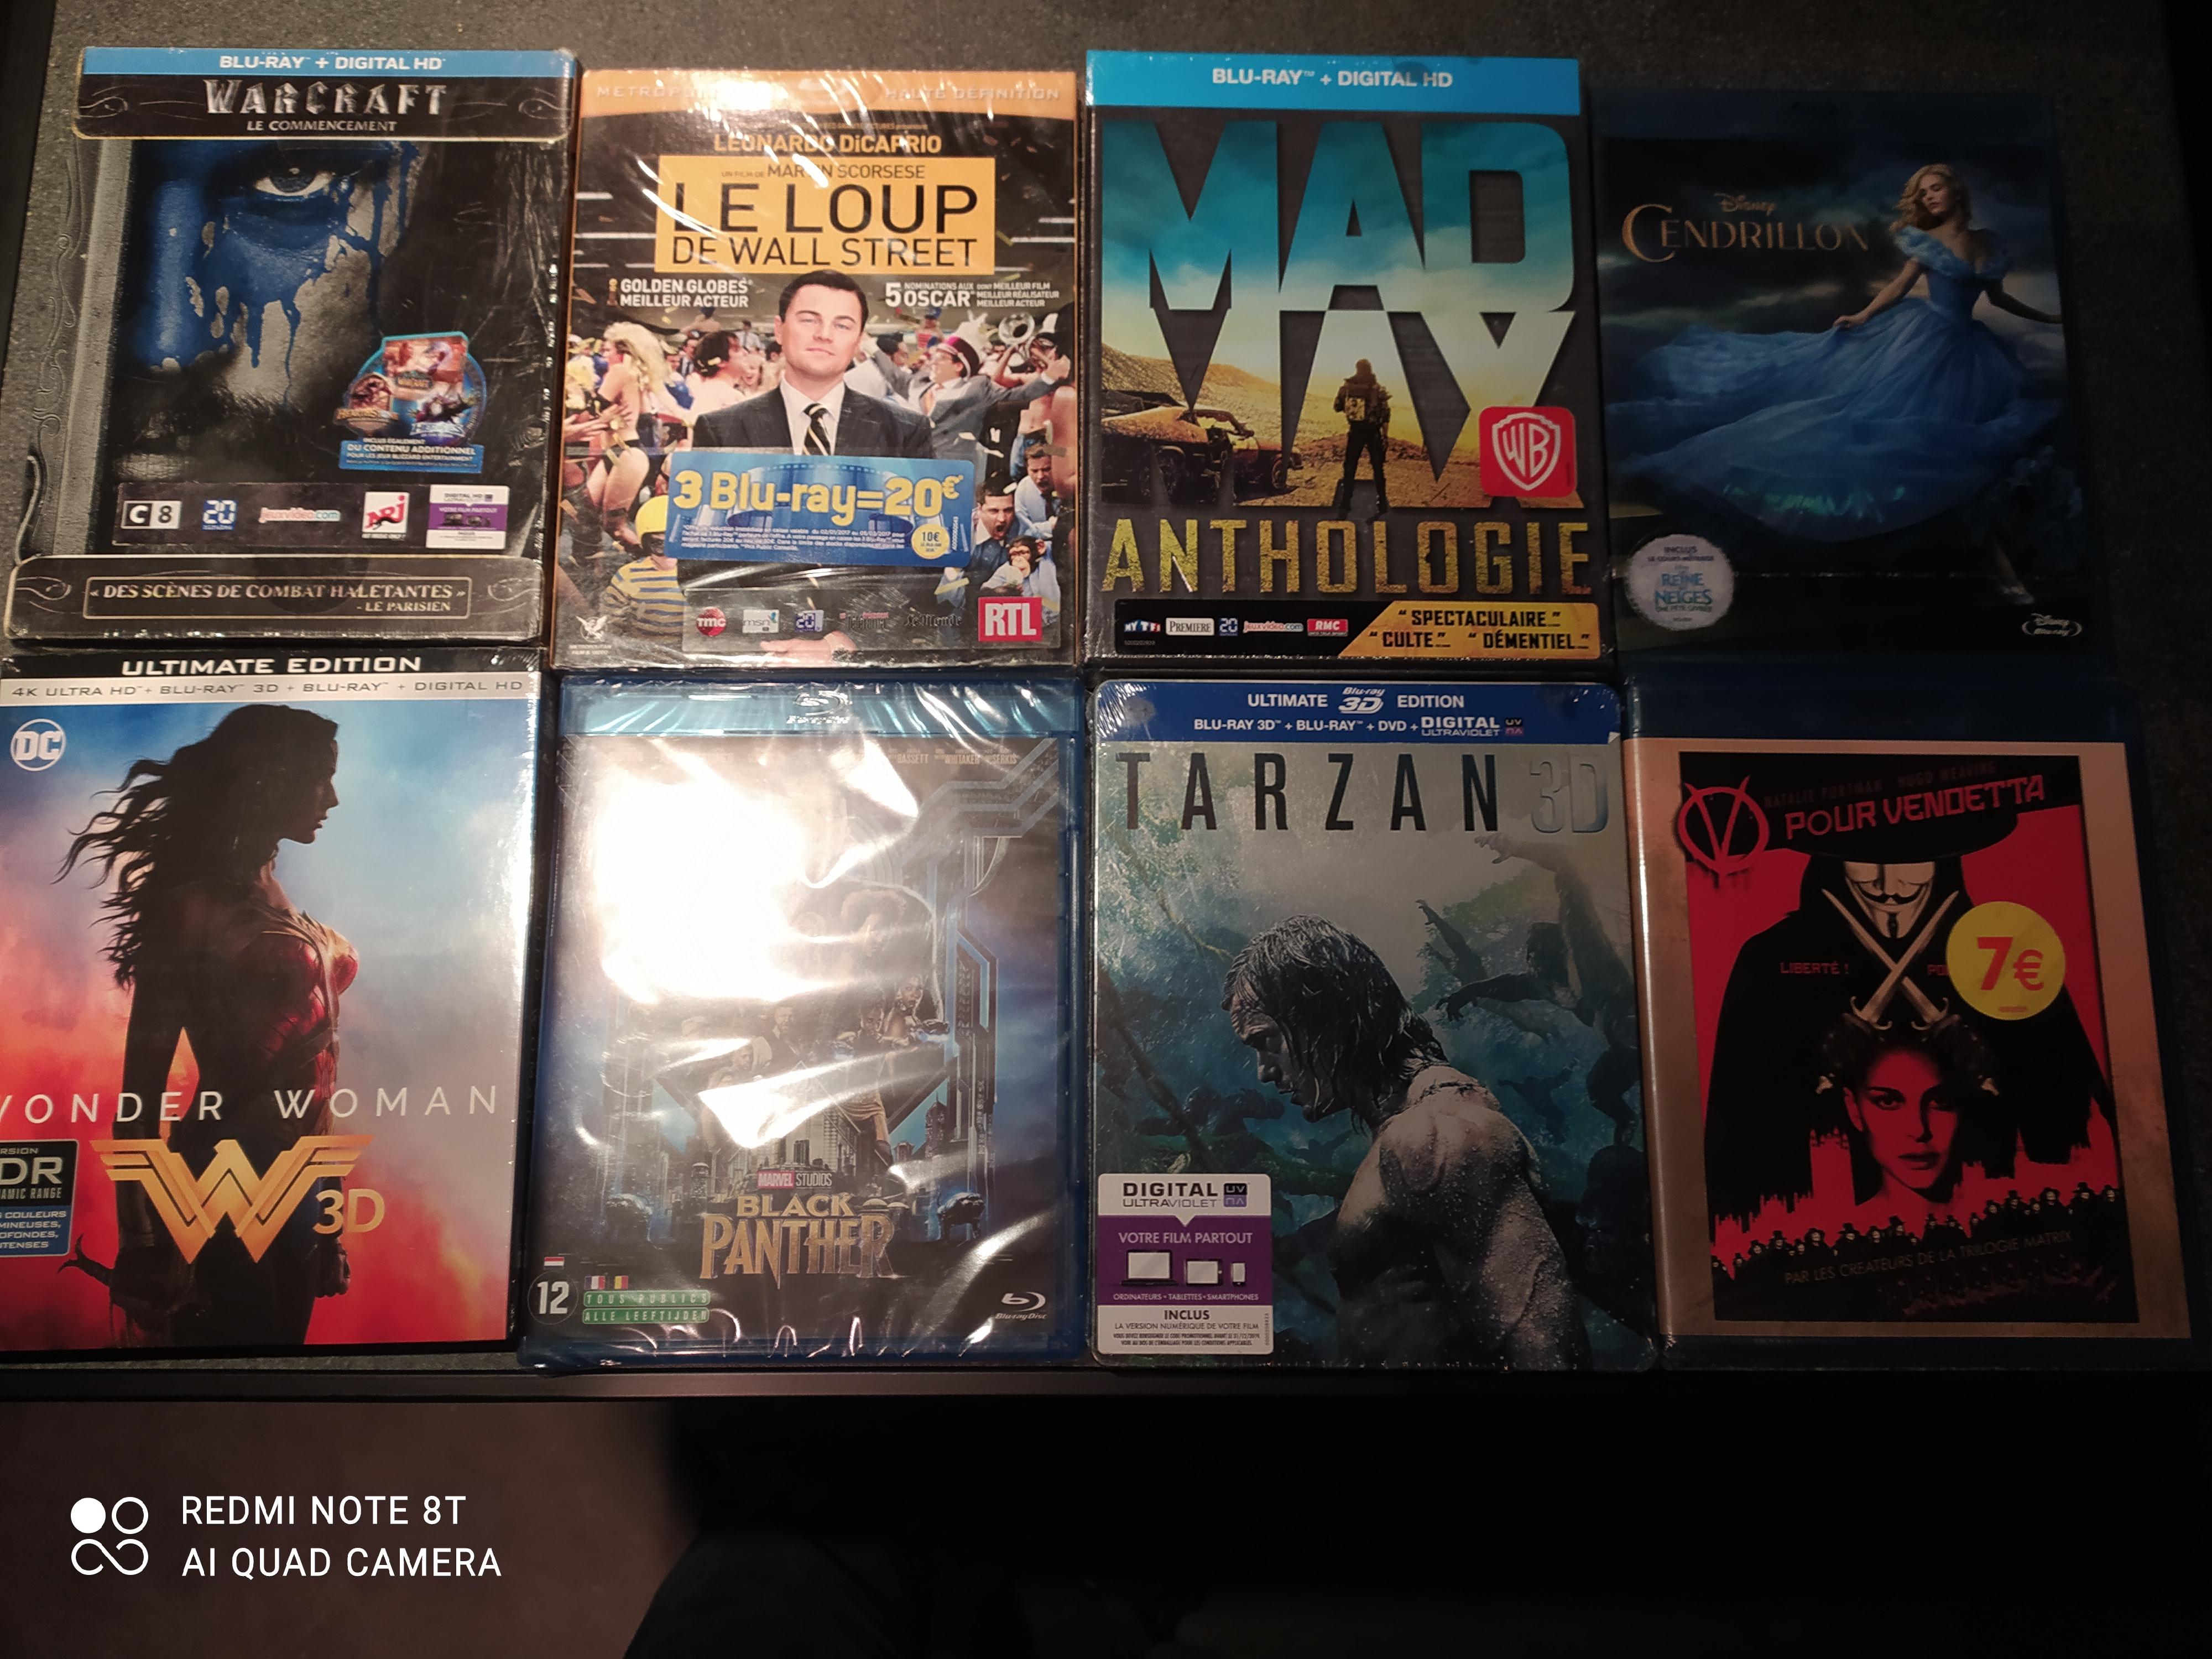 Sélection de films Blu-Ray en promotion - Ex : Black Panther - La Ricamarie (42)